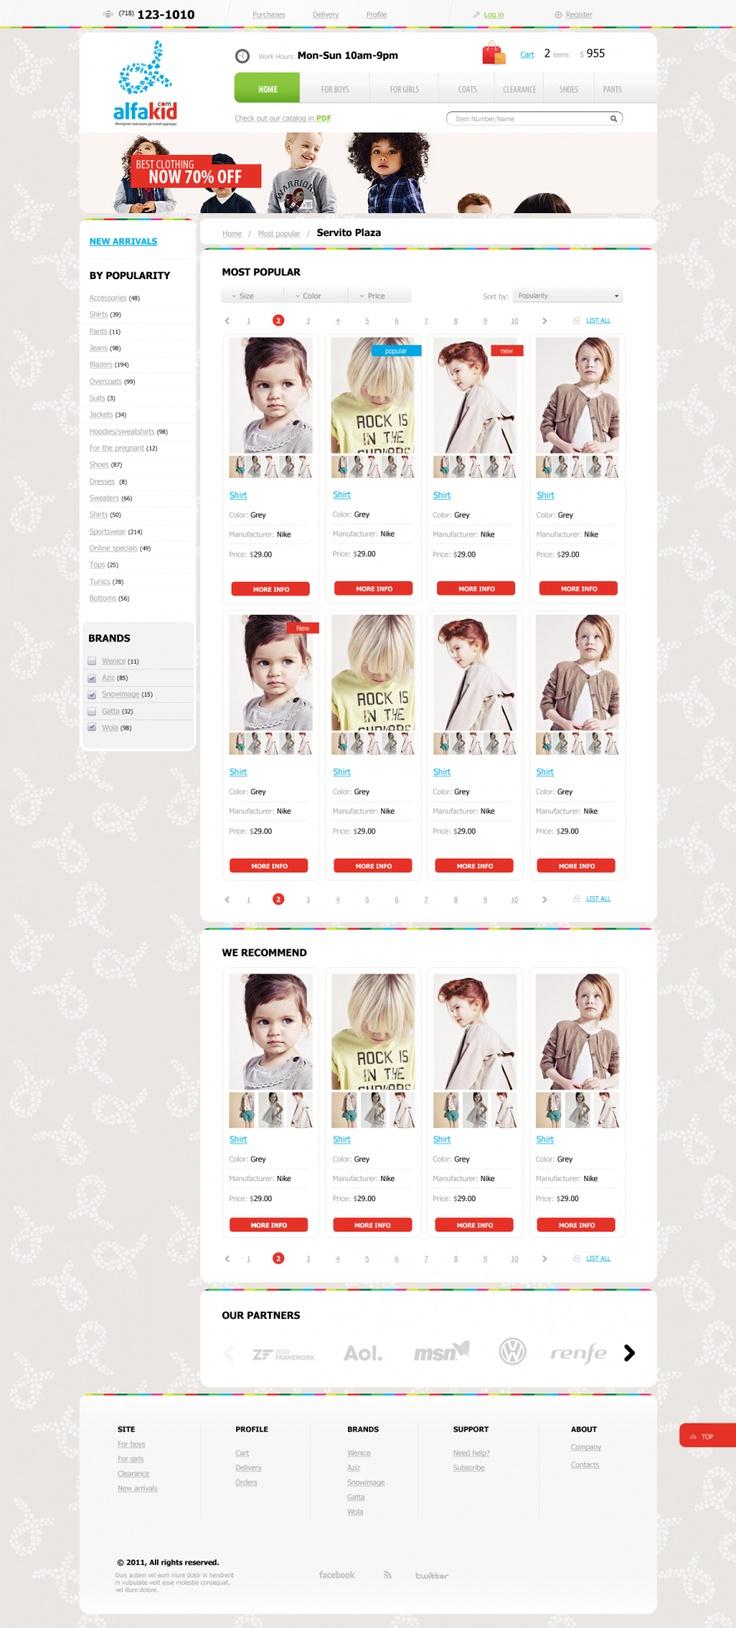 AlfaKid online store